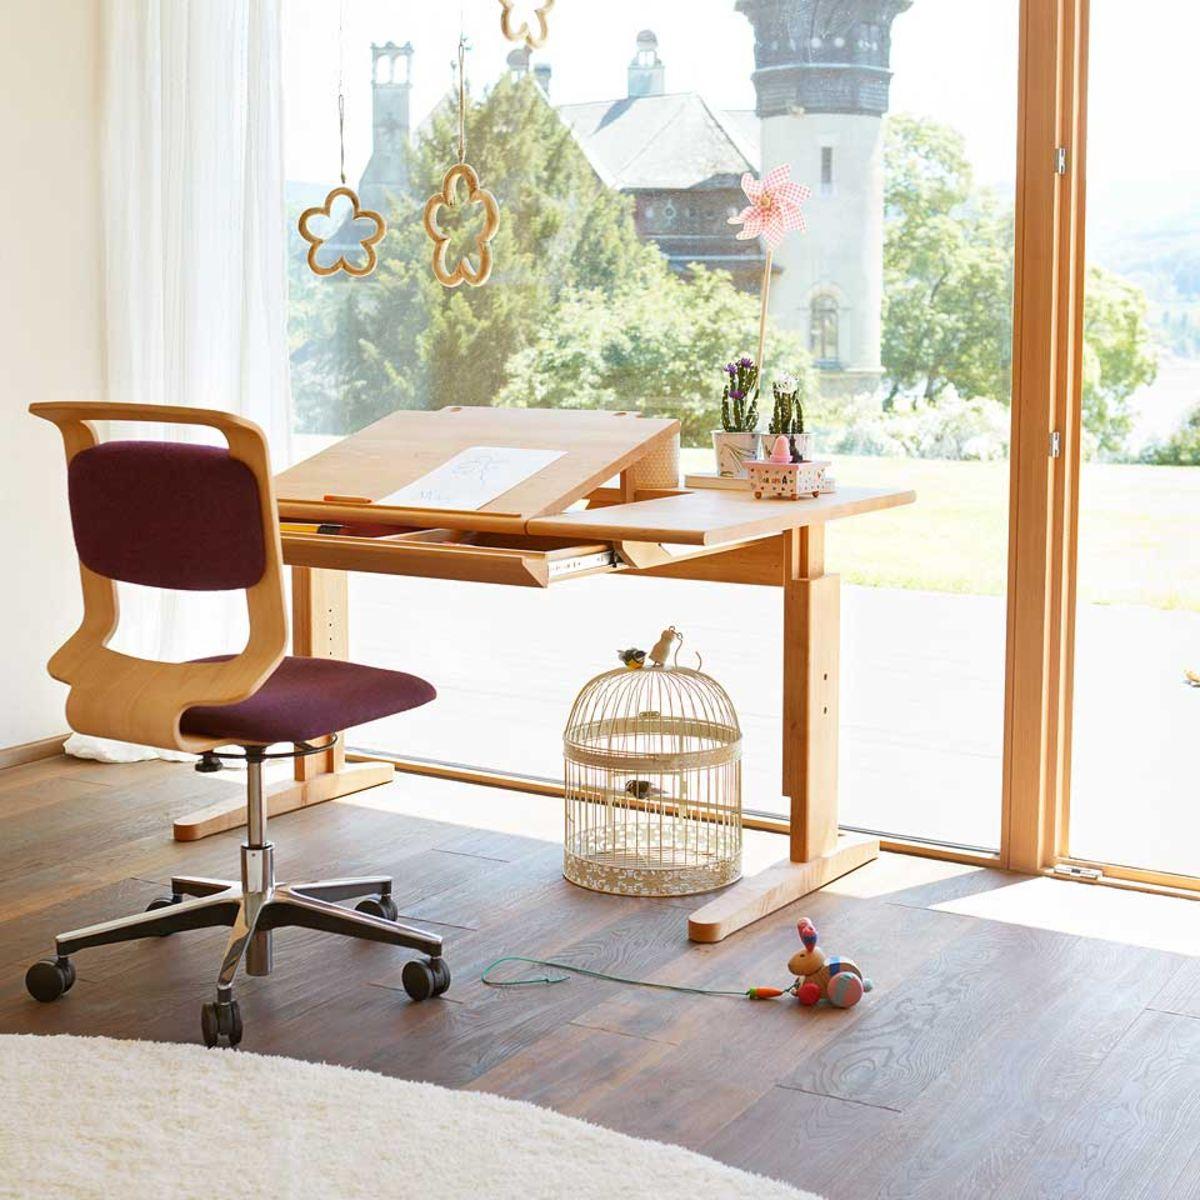 mobile Schreibtisch mit Drehstuhl von TEAM 7 St. Johann